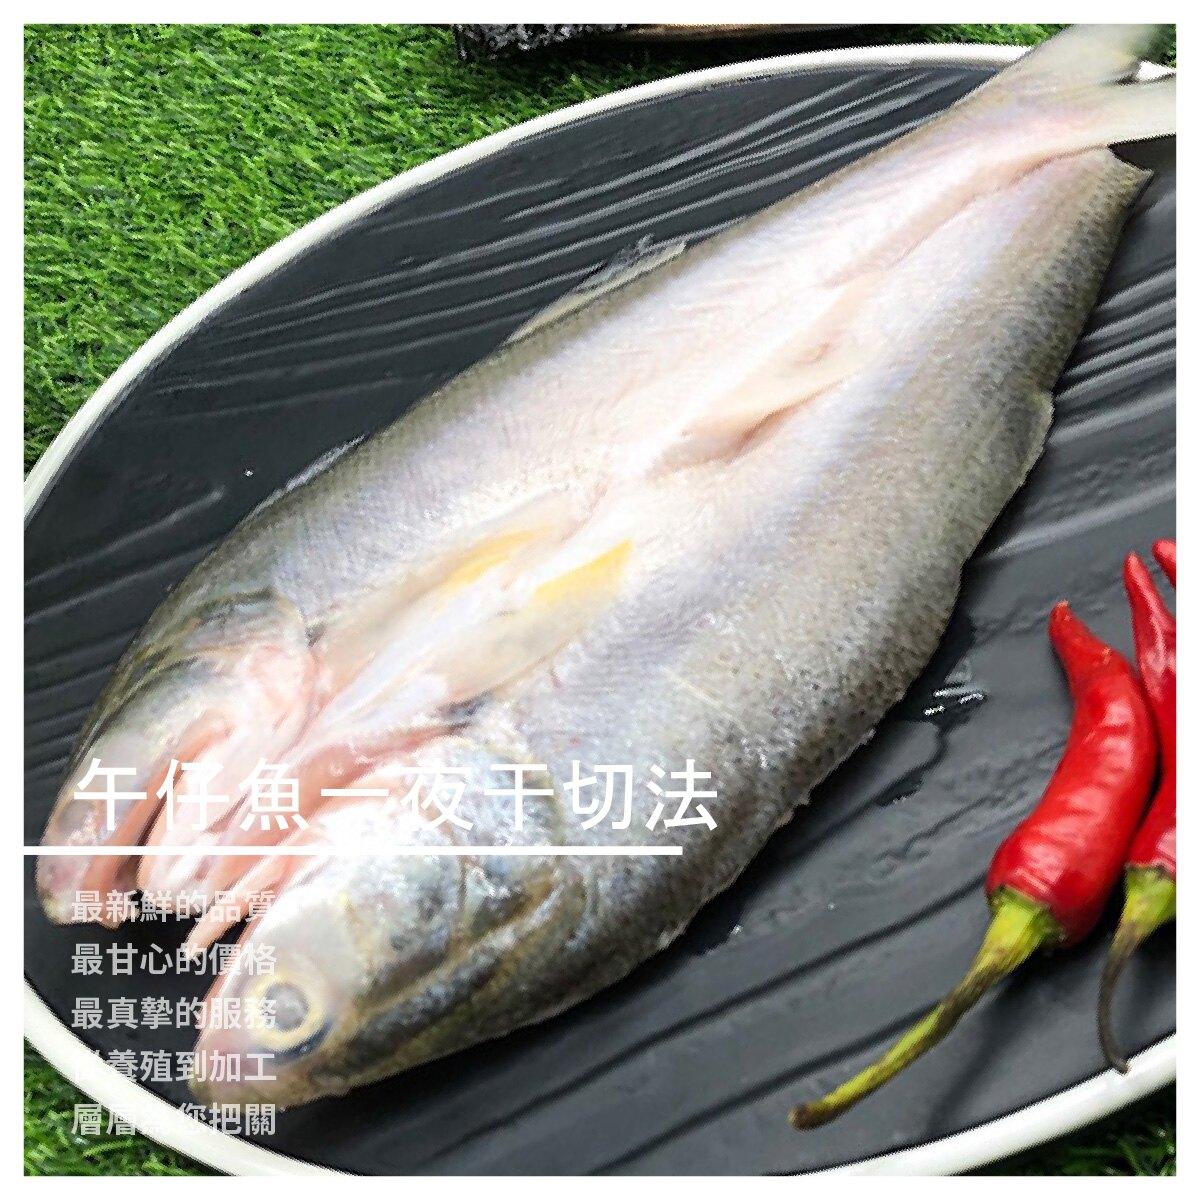 【大高雄爭鮮魚行】午仔魚 一夜乾切法  275g25g